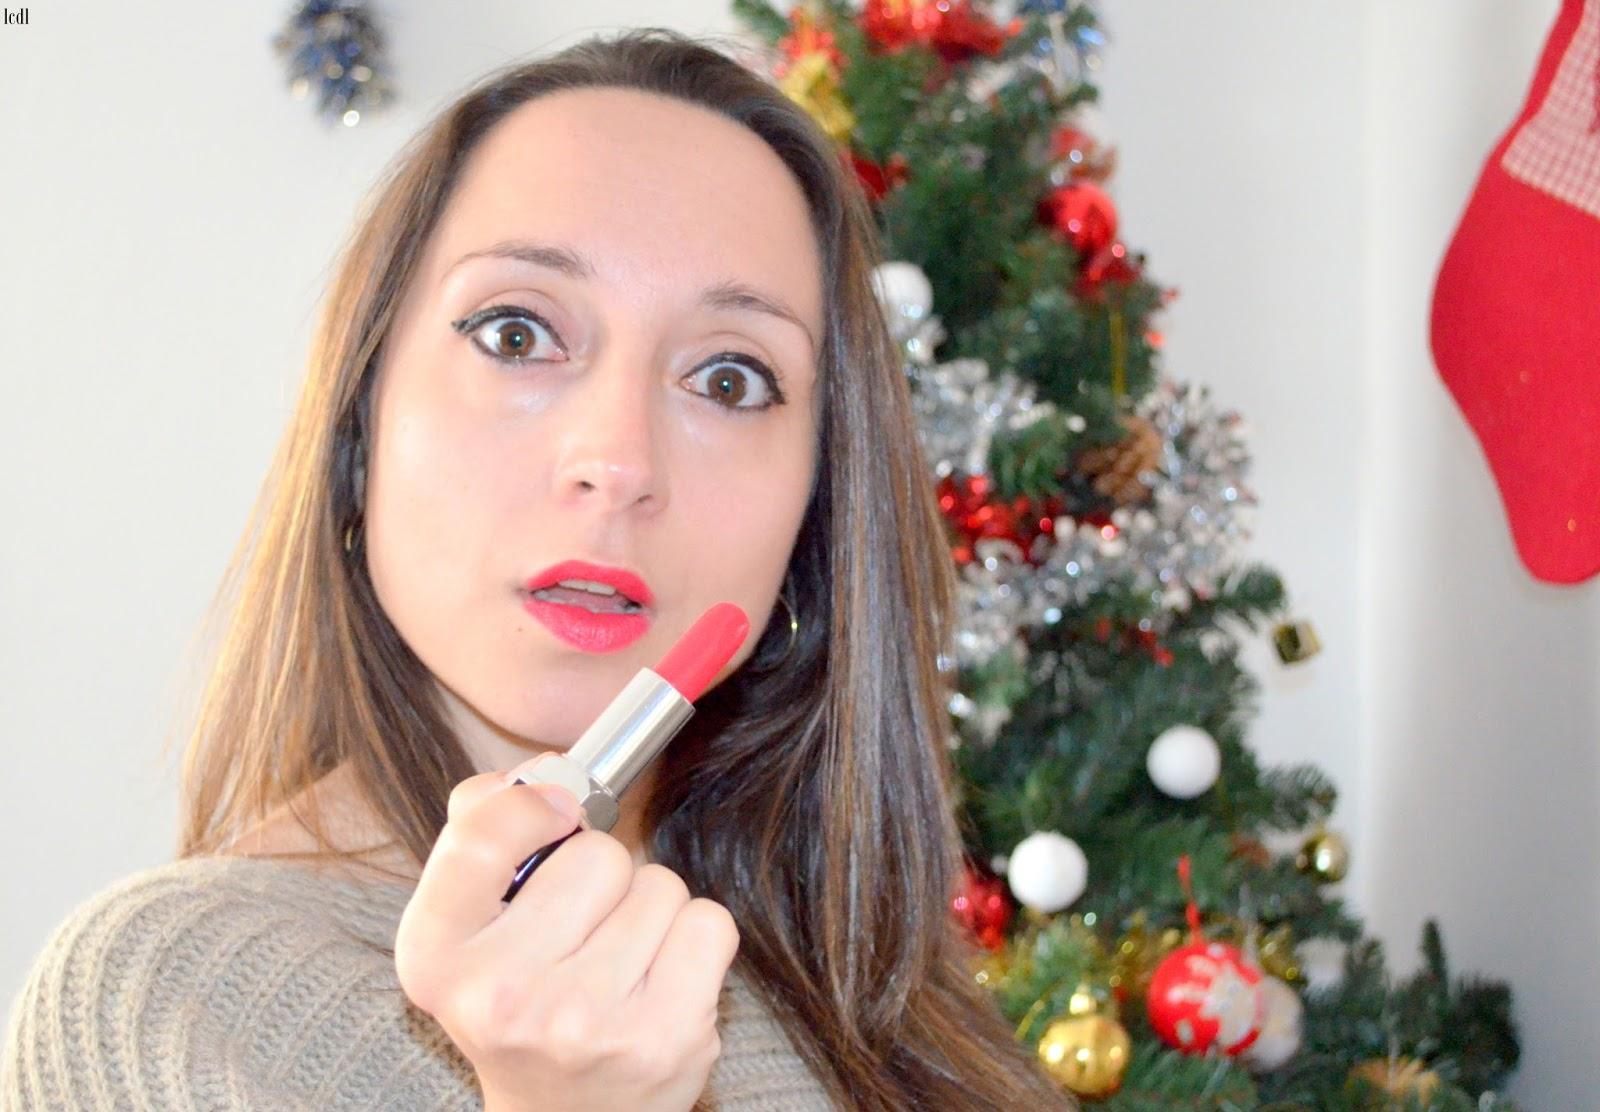 À Les France Mes Lèvres Made De LizzieBlog Rouges In Confidences 6fvYbgy7